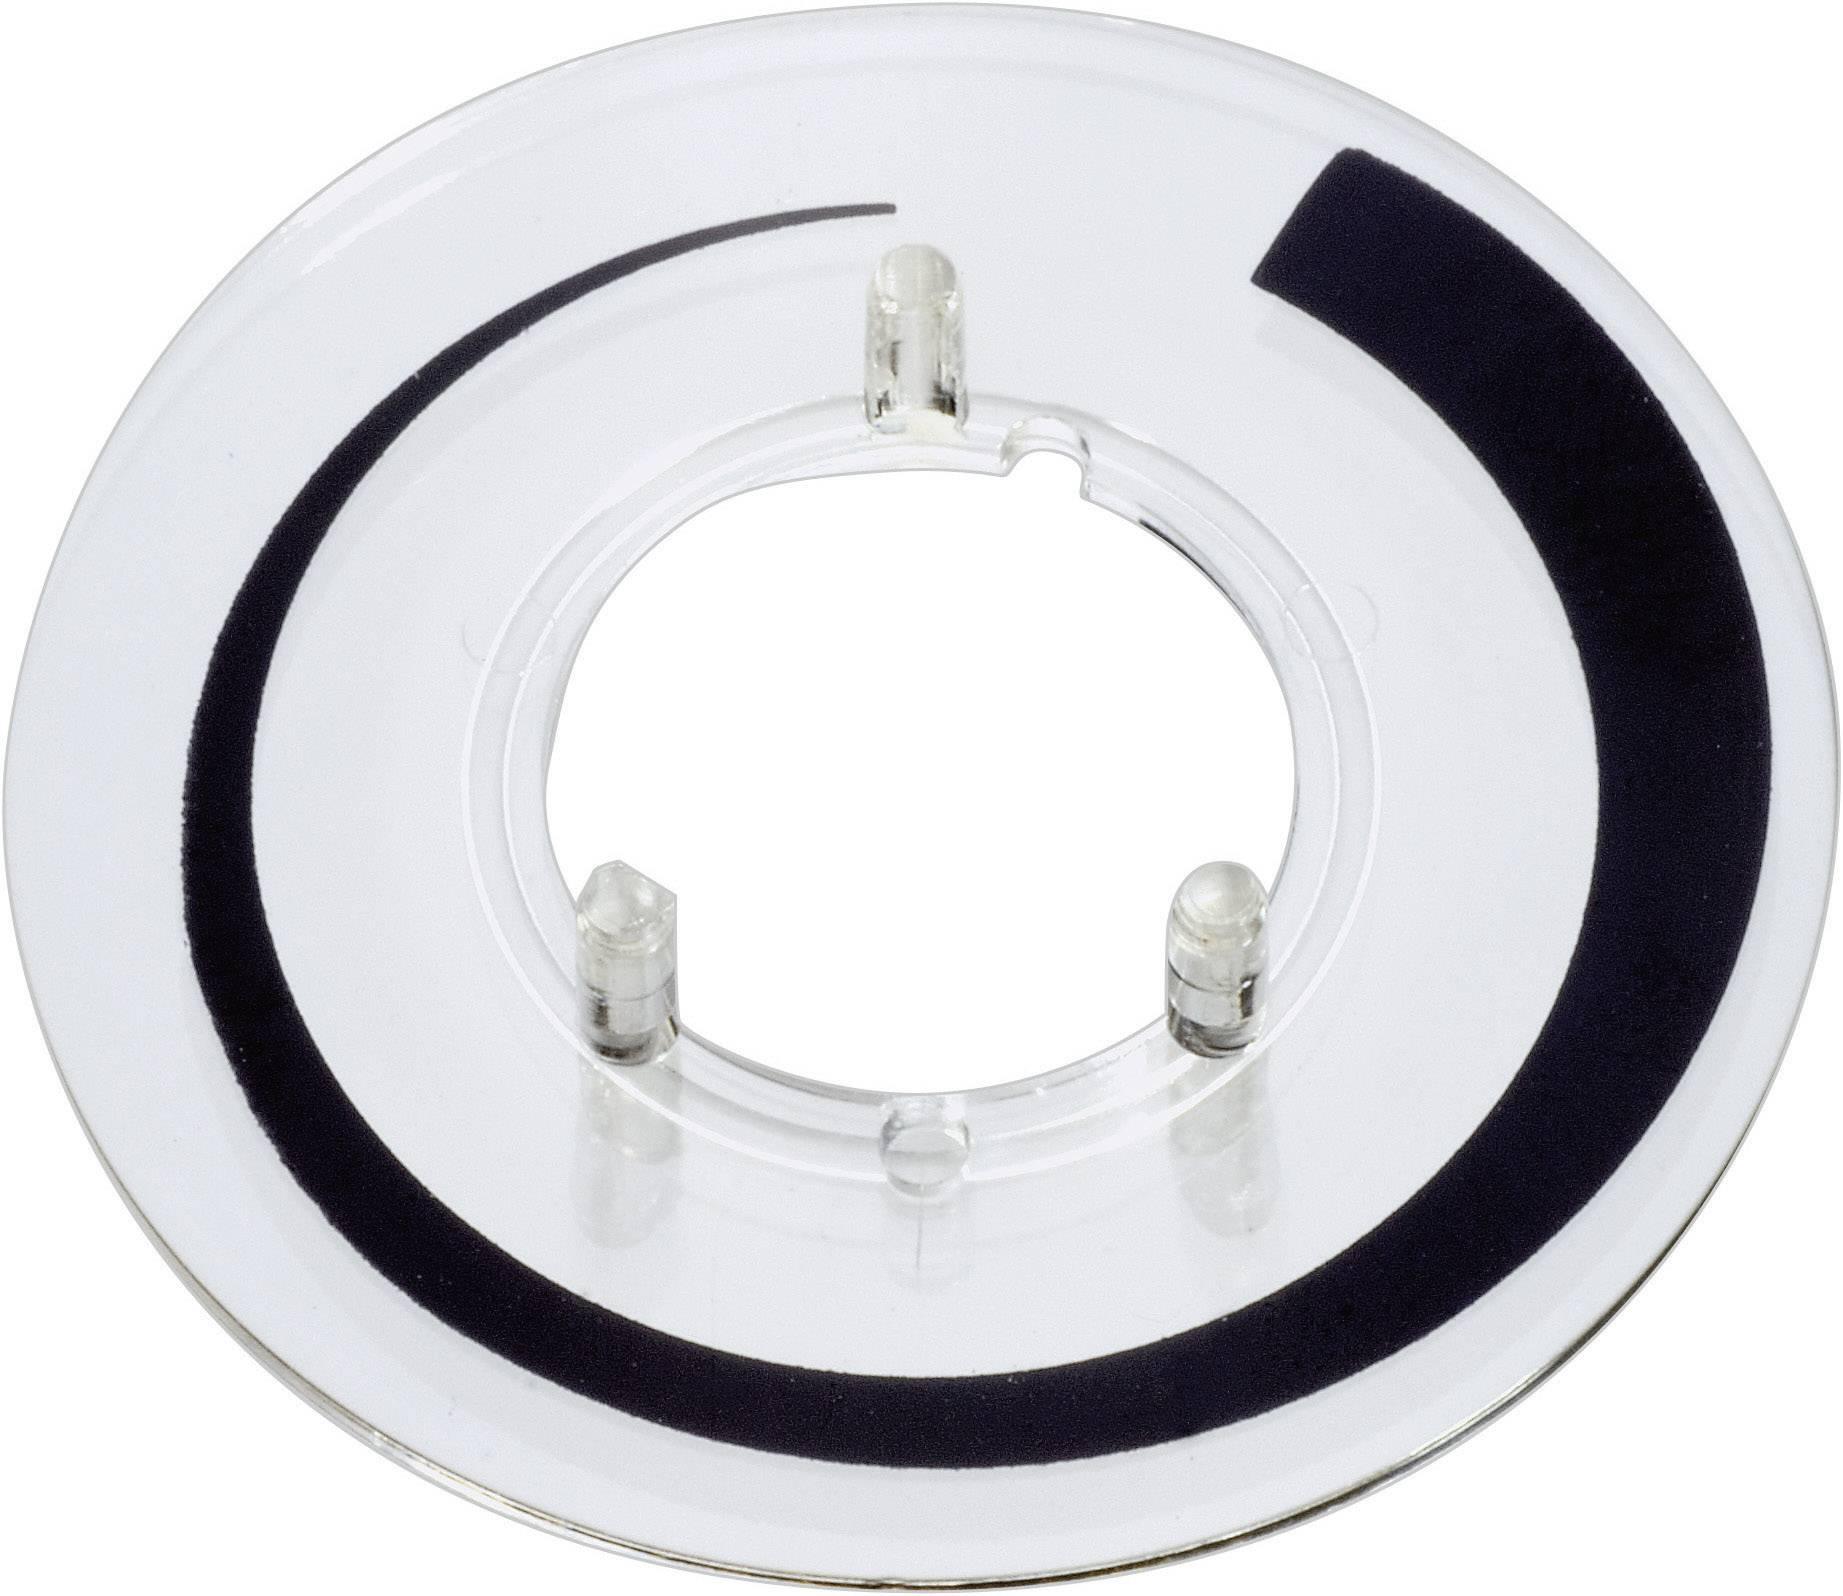 Kryt pre okrúhle/krídlové voliče Ø 13,5 mm OKW A4413020 1 ks